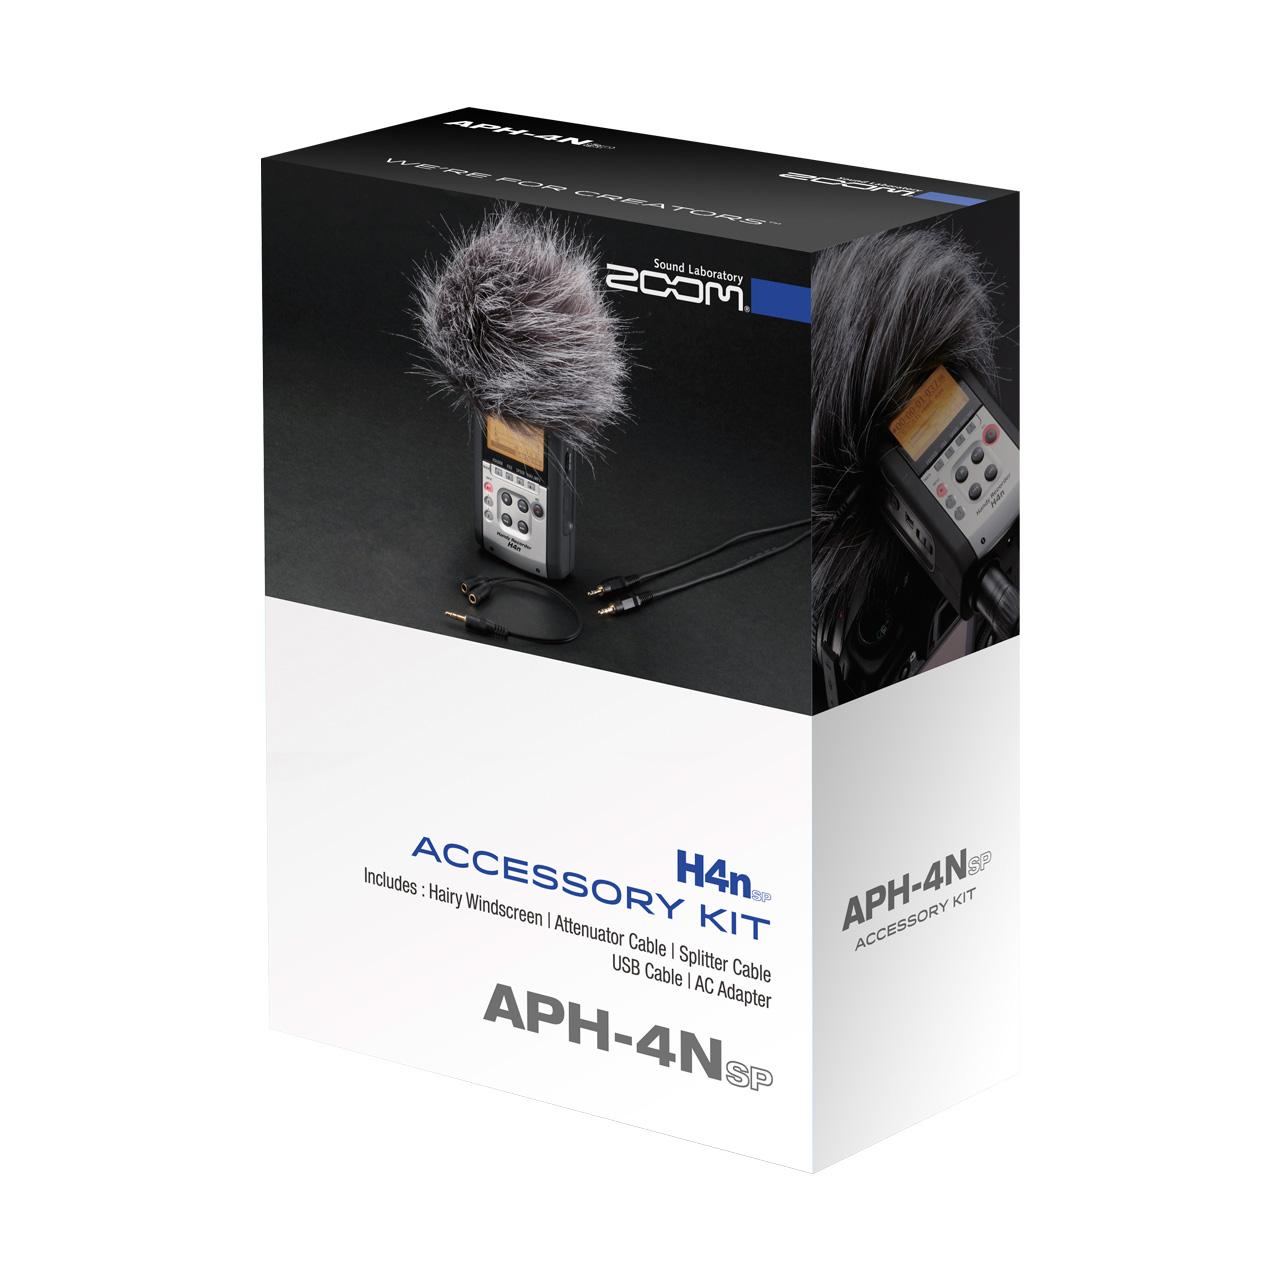 Hinnavaatlus Tehnikakaupade Hinnavrdlus Ja It Teemaline Portaal Zoom Aph 1 Accessory Package For H1 4nsp